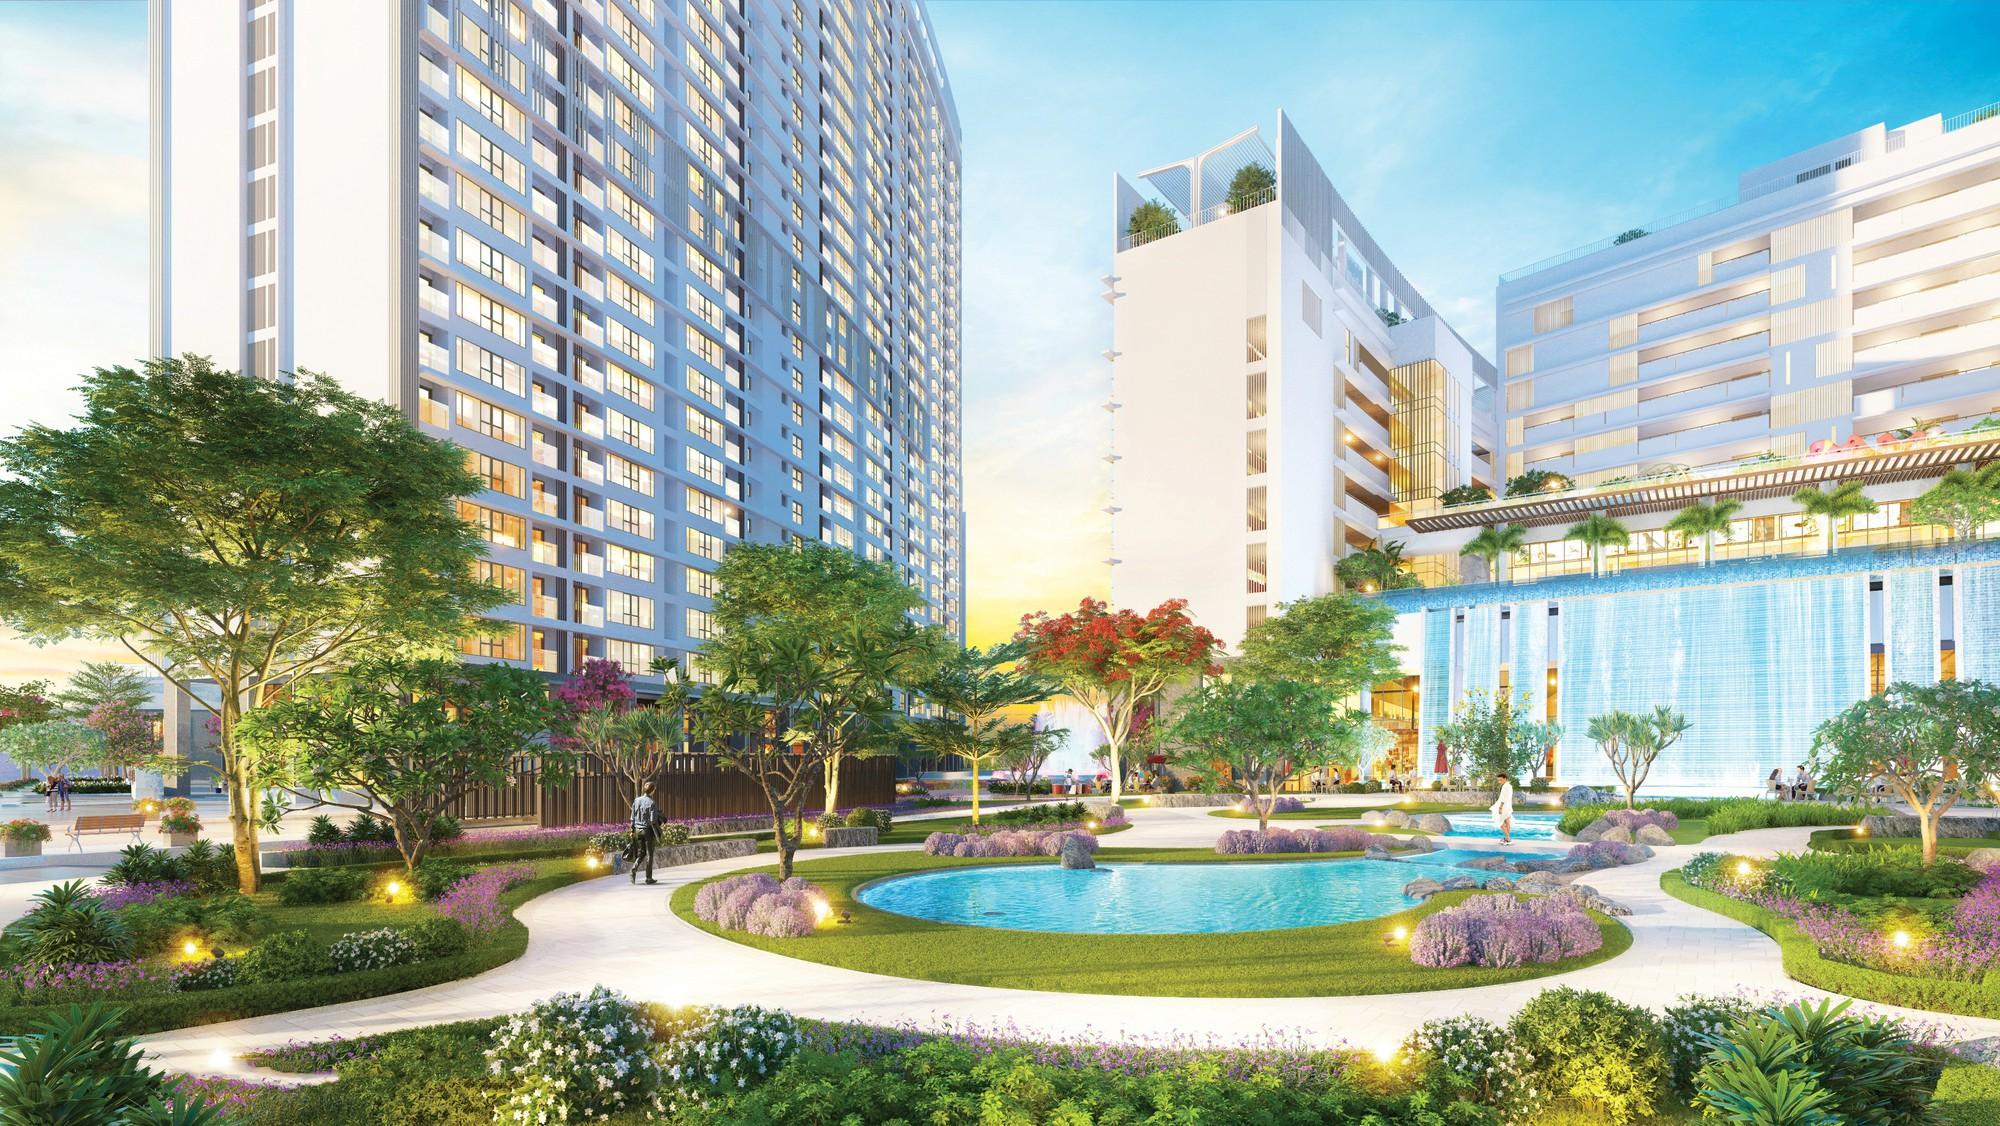 Phú Mỹ Hưng và bài toán định hình khái niệm bất động sản cao cấp riêng biệt - Ảnh 17.